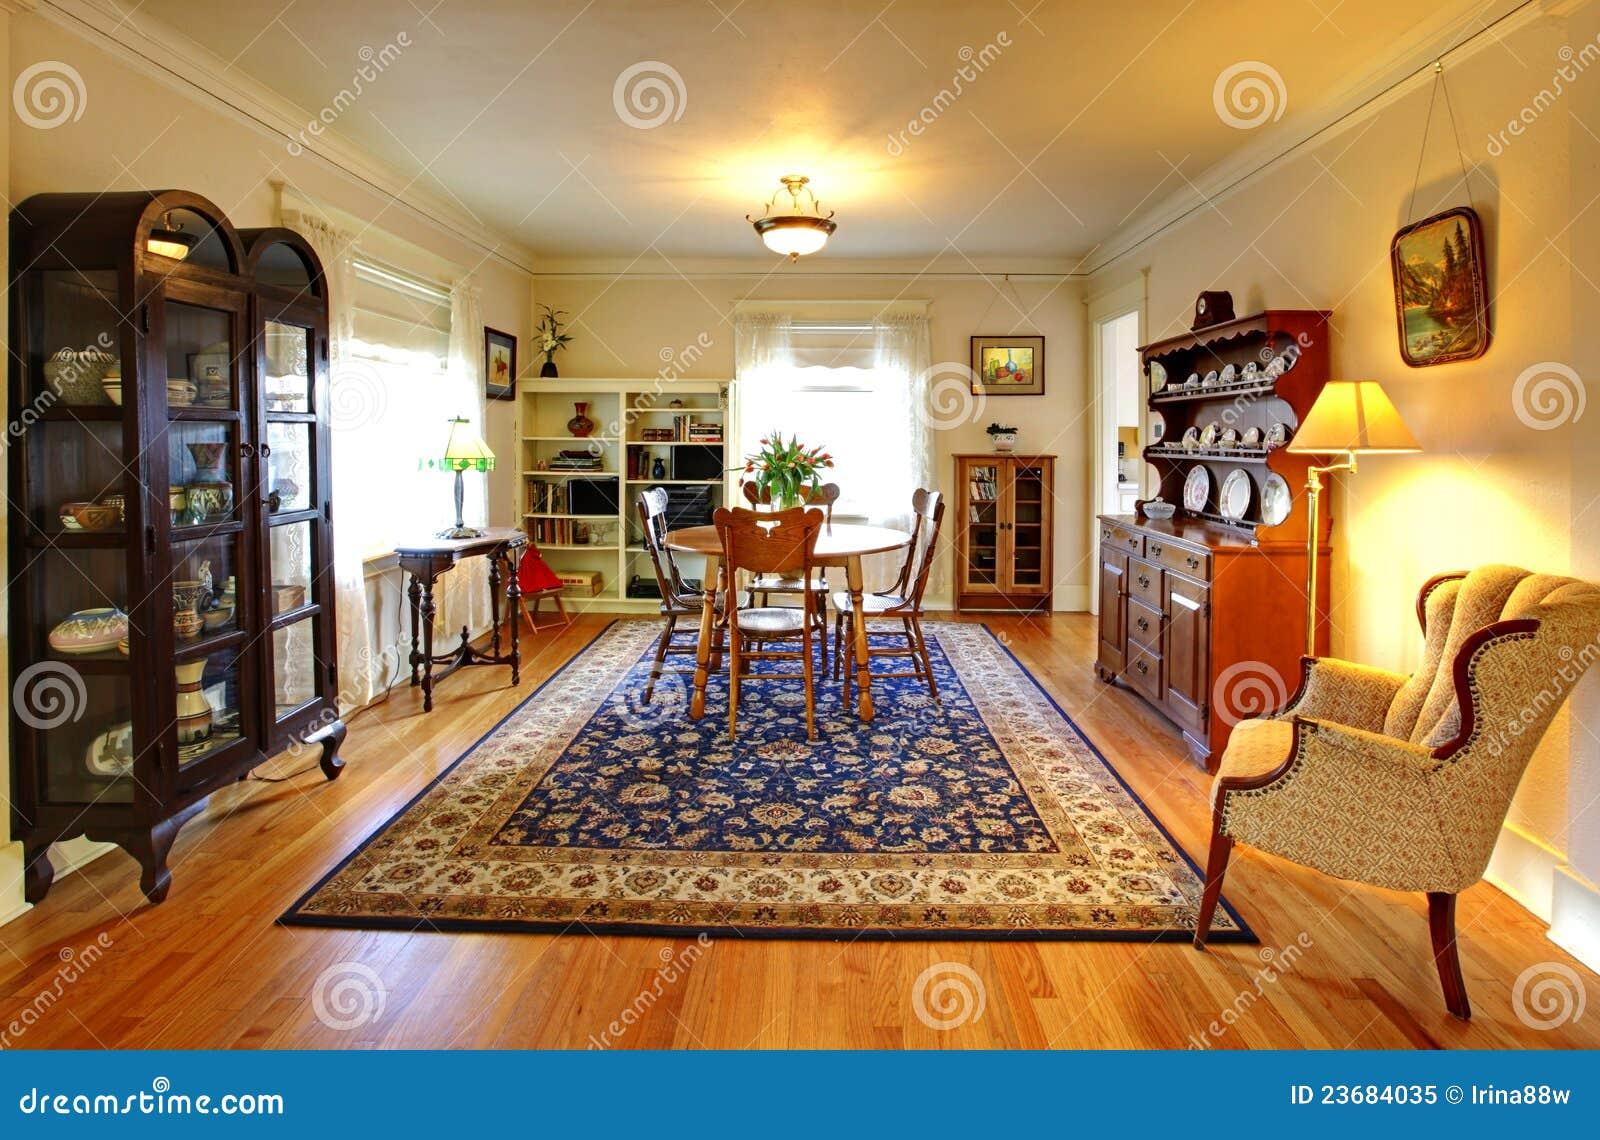 Fotografia Stock Libera Da Diritti: Vecchia Sala Da Pranzo Sveglia  #B98A12 1300 943 Sala Da Pranzo Blu